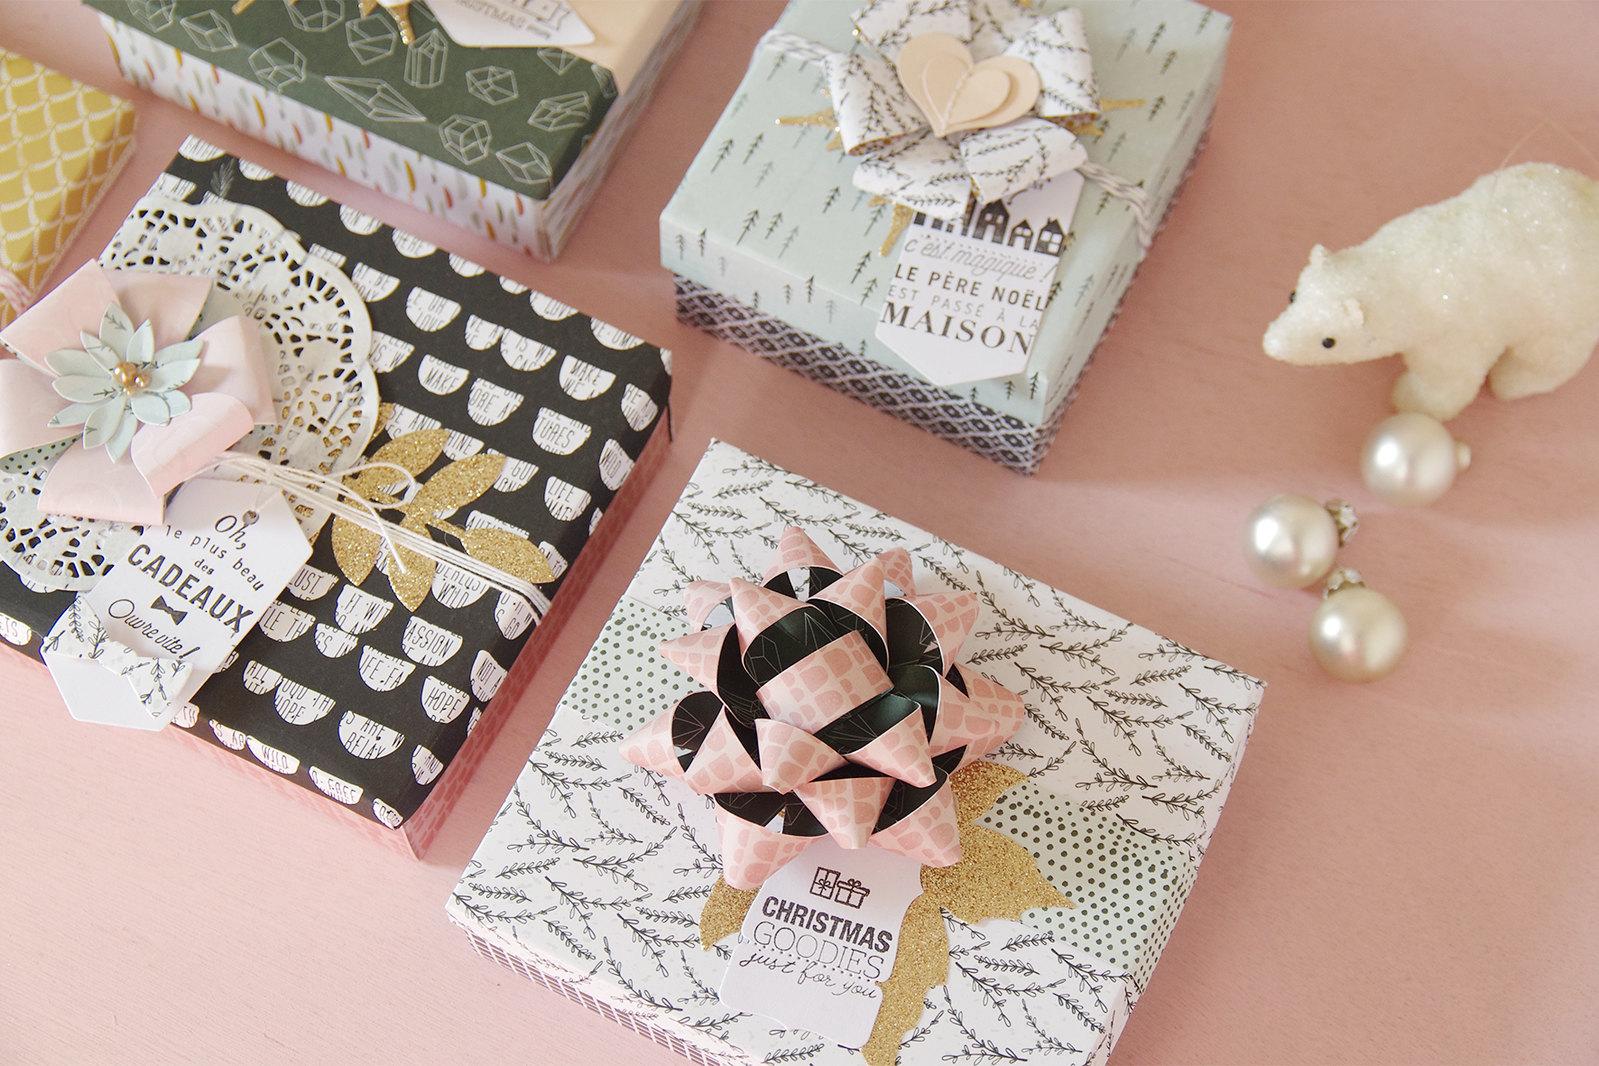 Belles boites pour beaux cadeaux kesiart marienicolasalliot-27